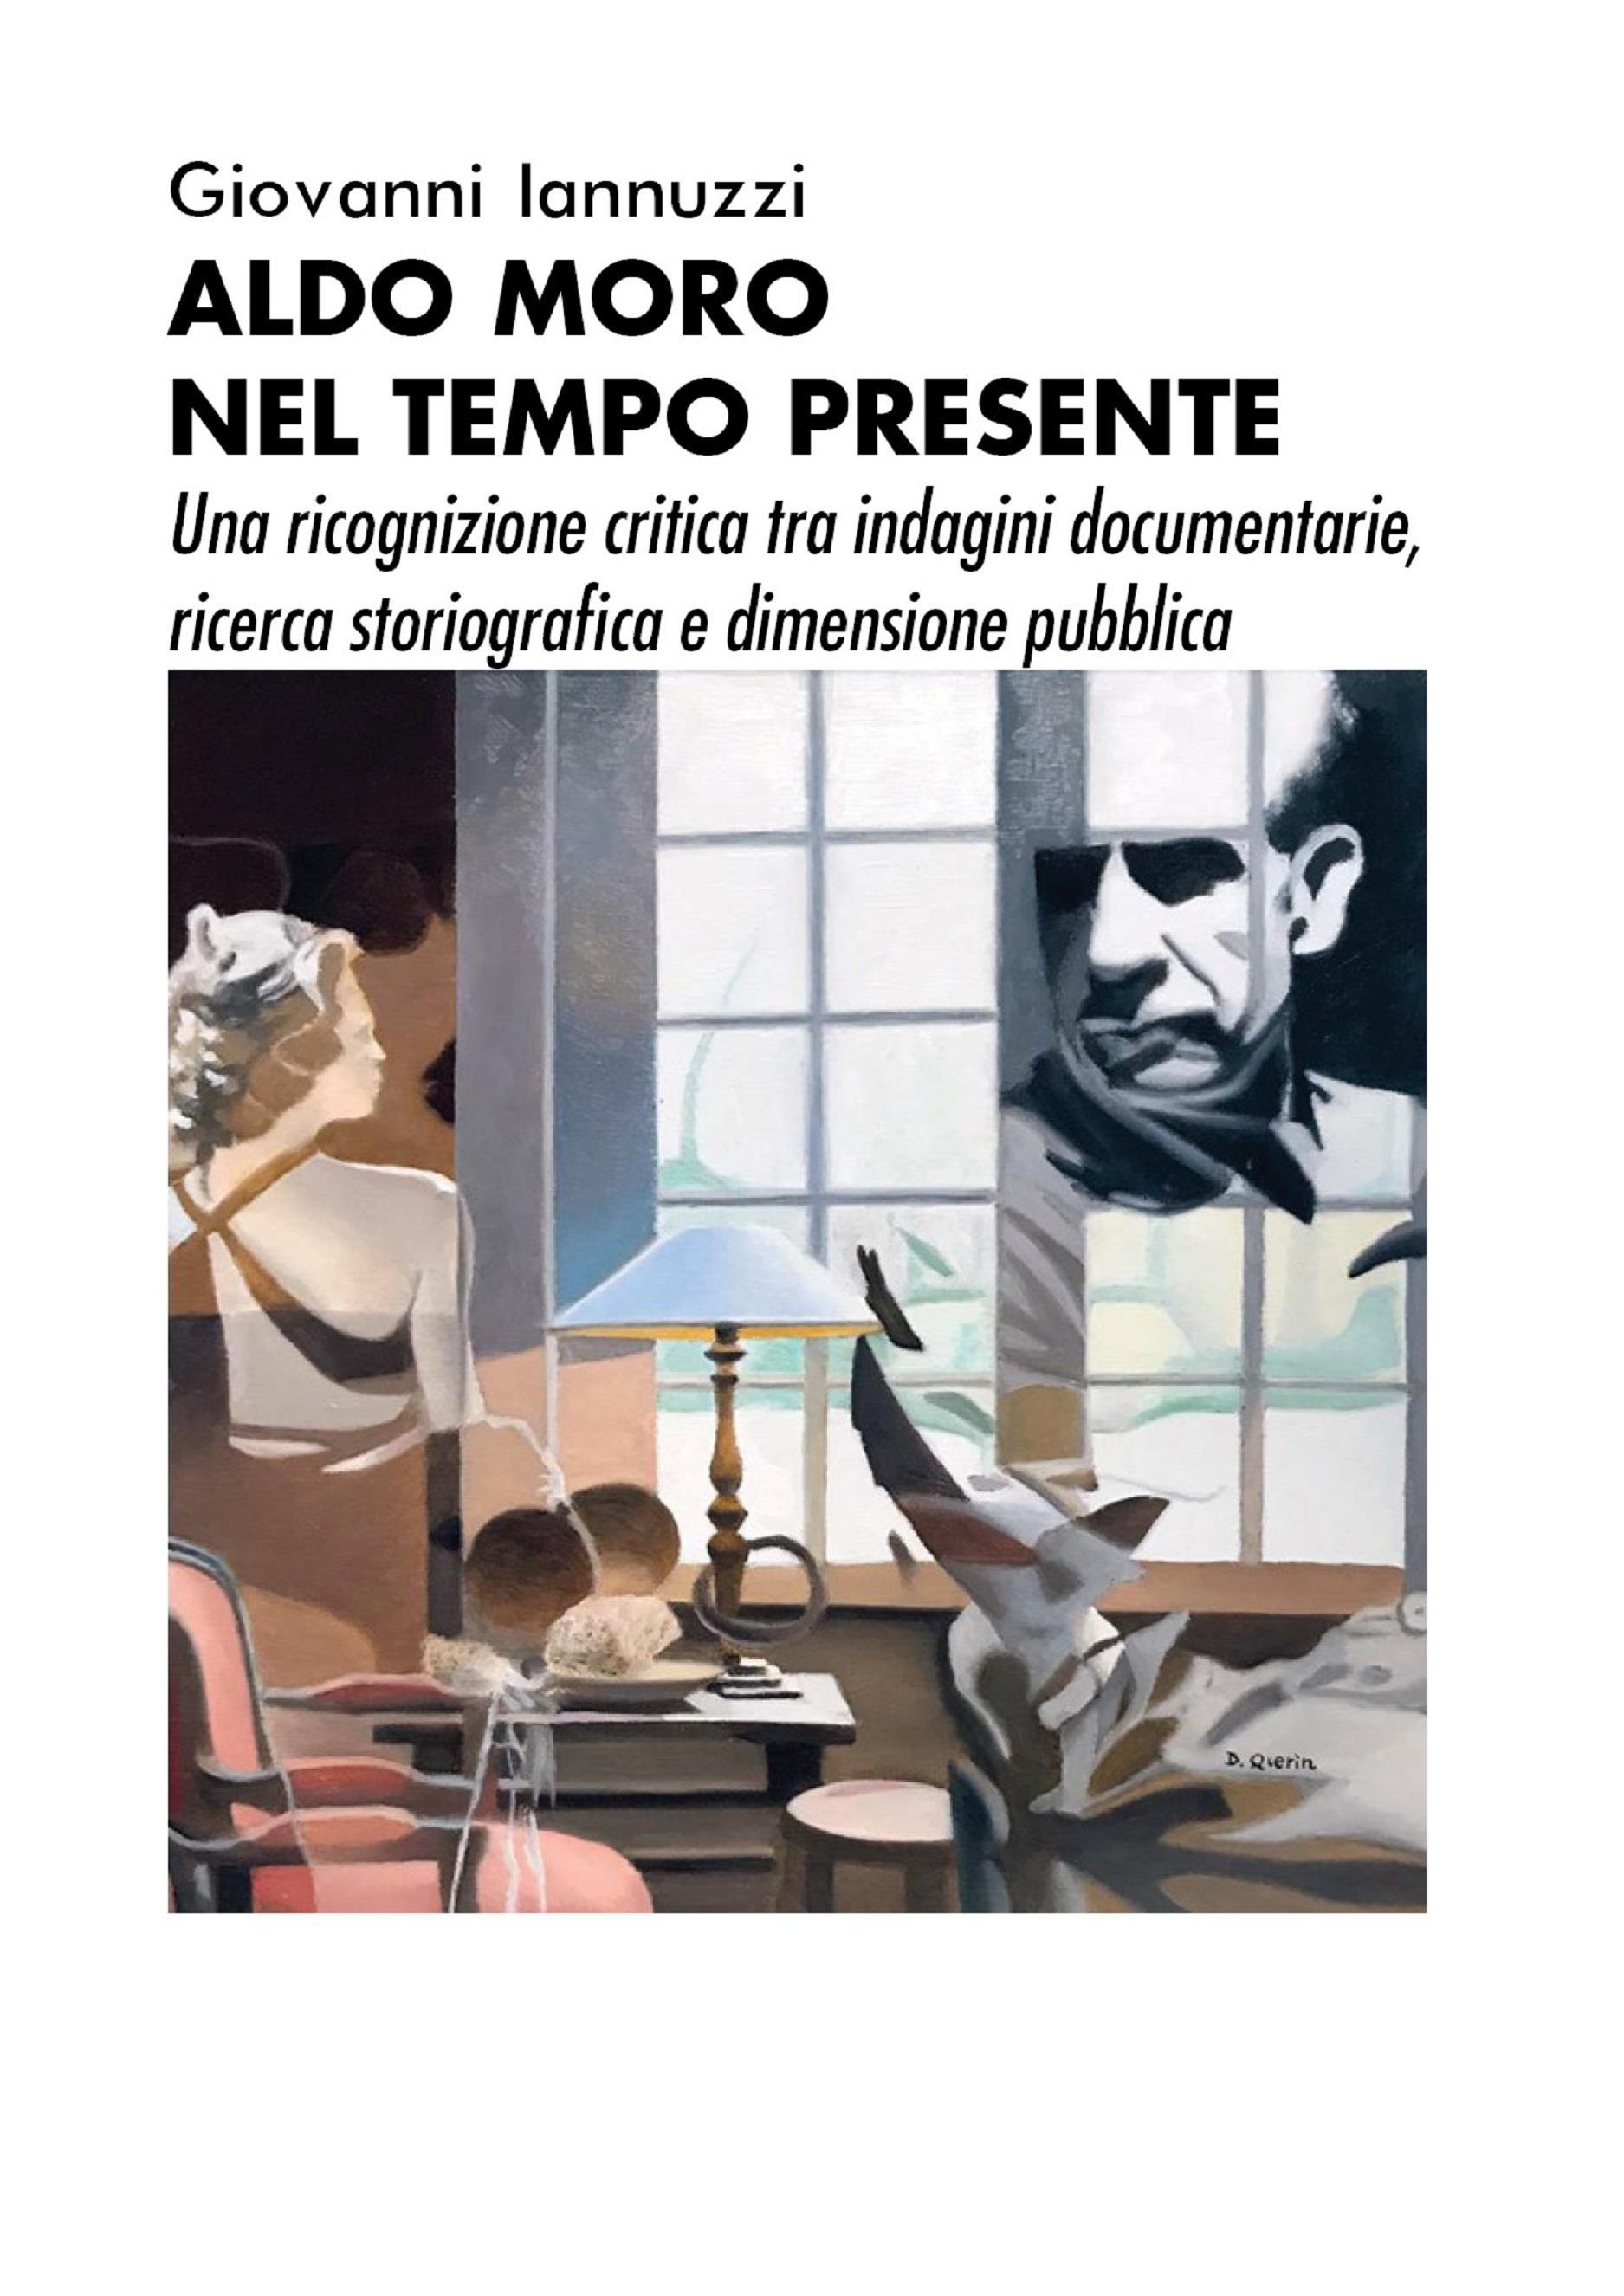 Aldo Moro nel tempo presente